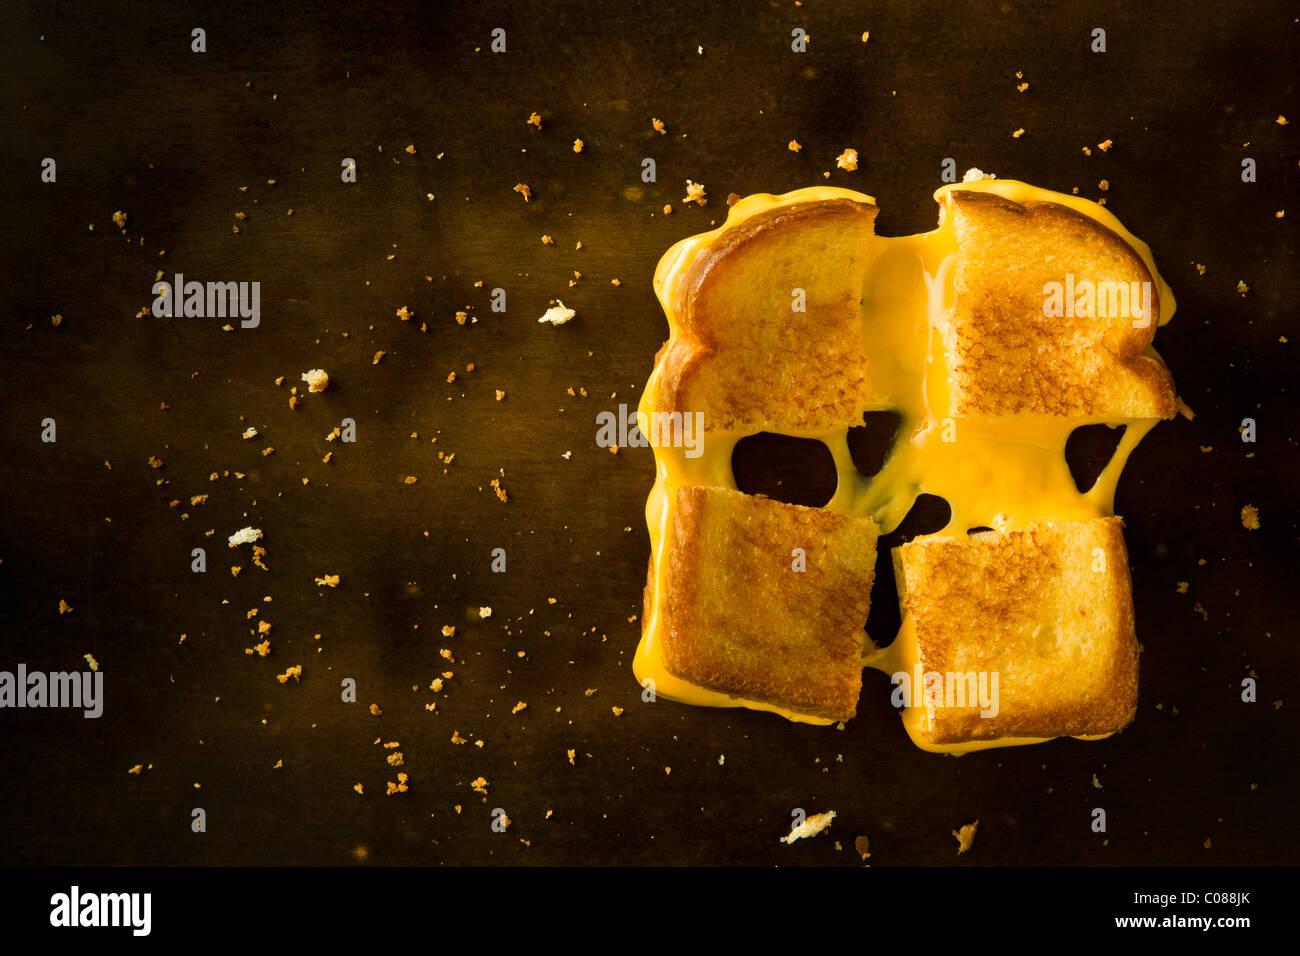 Um sanduíche de queijo grelhado corte em quatro praças puxando o queijo sobre uma mesa de madeira Imagens de Stock